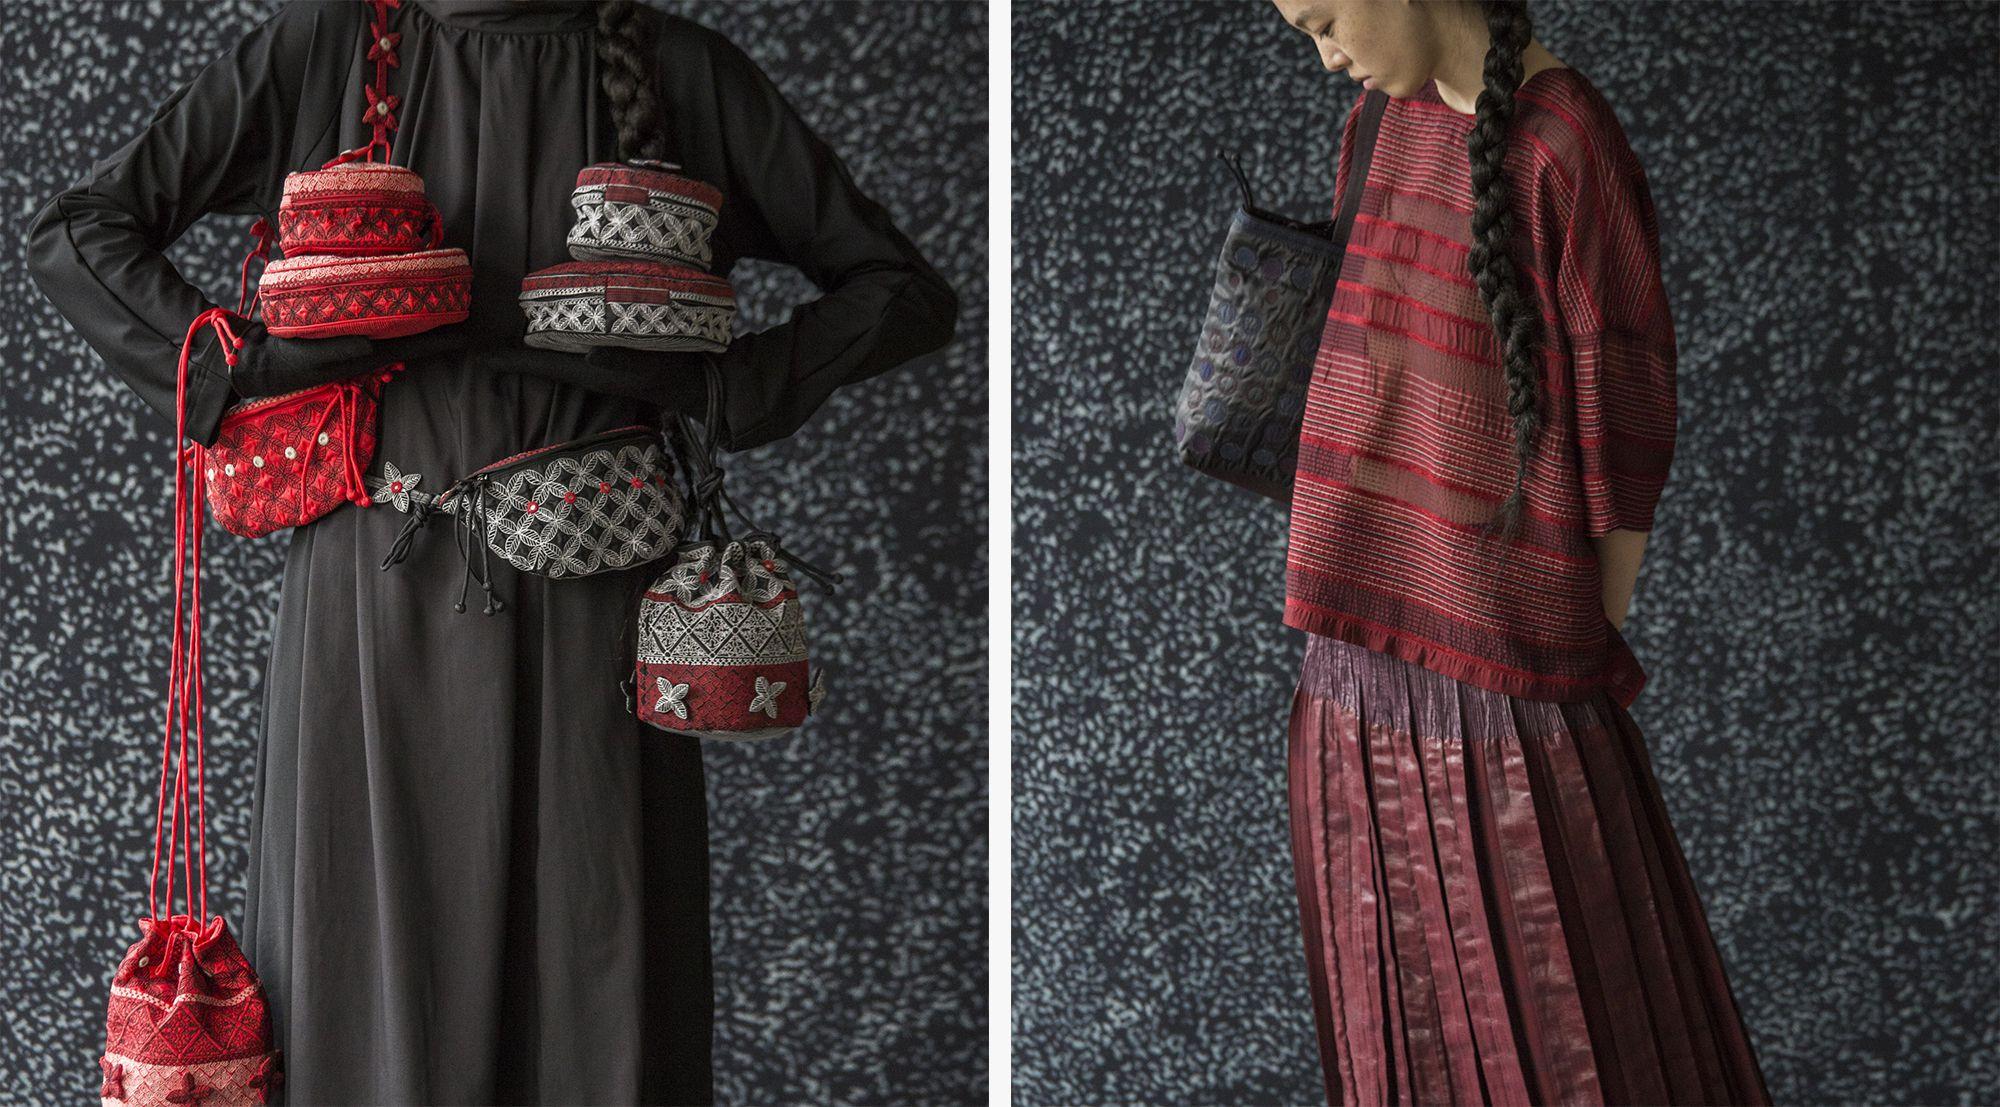 ビリ刺繍が施された「Tamasha」シリーズのバッグ、「ORJ」ワンピース、ランダムボーダー